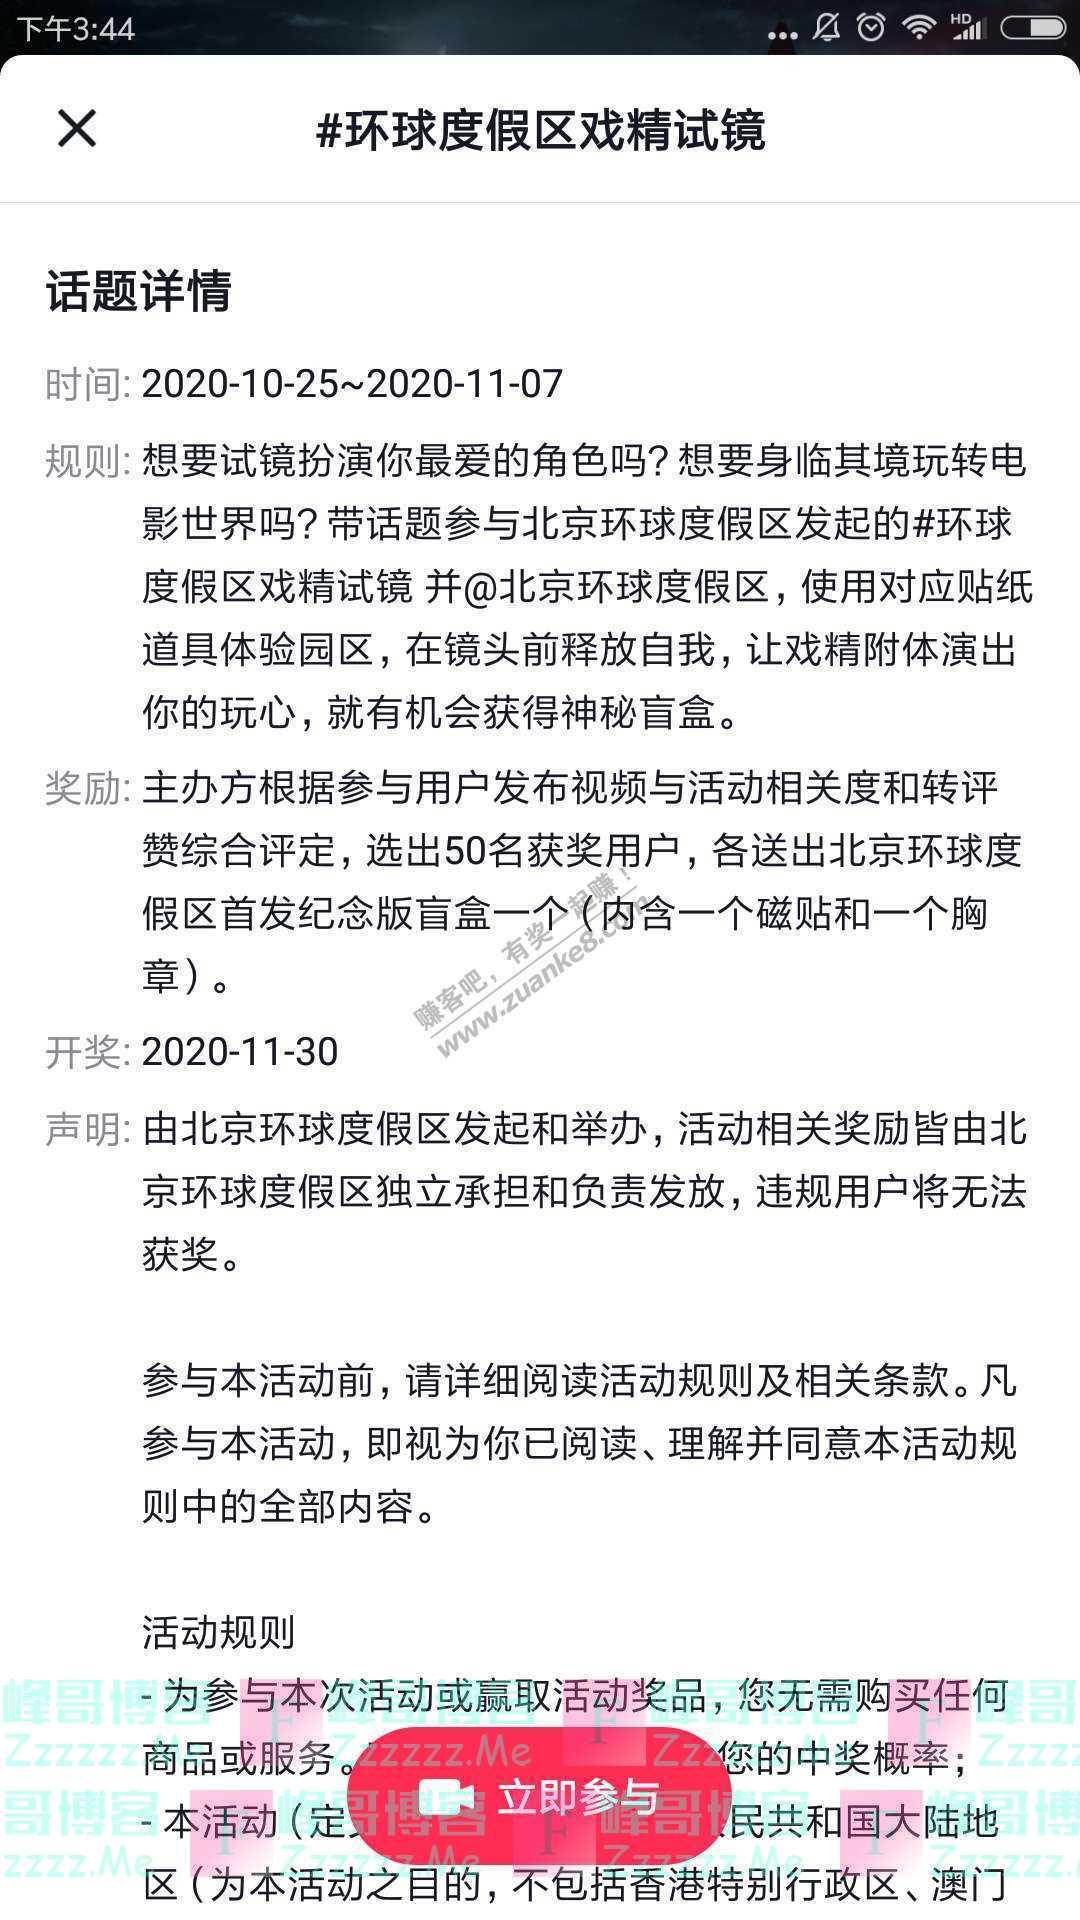 北京环球度假区环球度假区戏精试镜(截止11月7日)